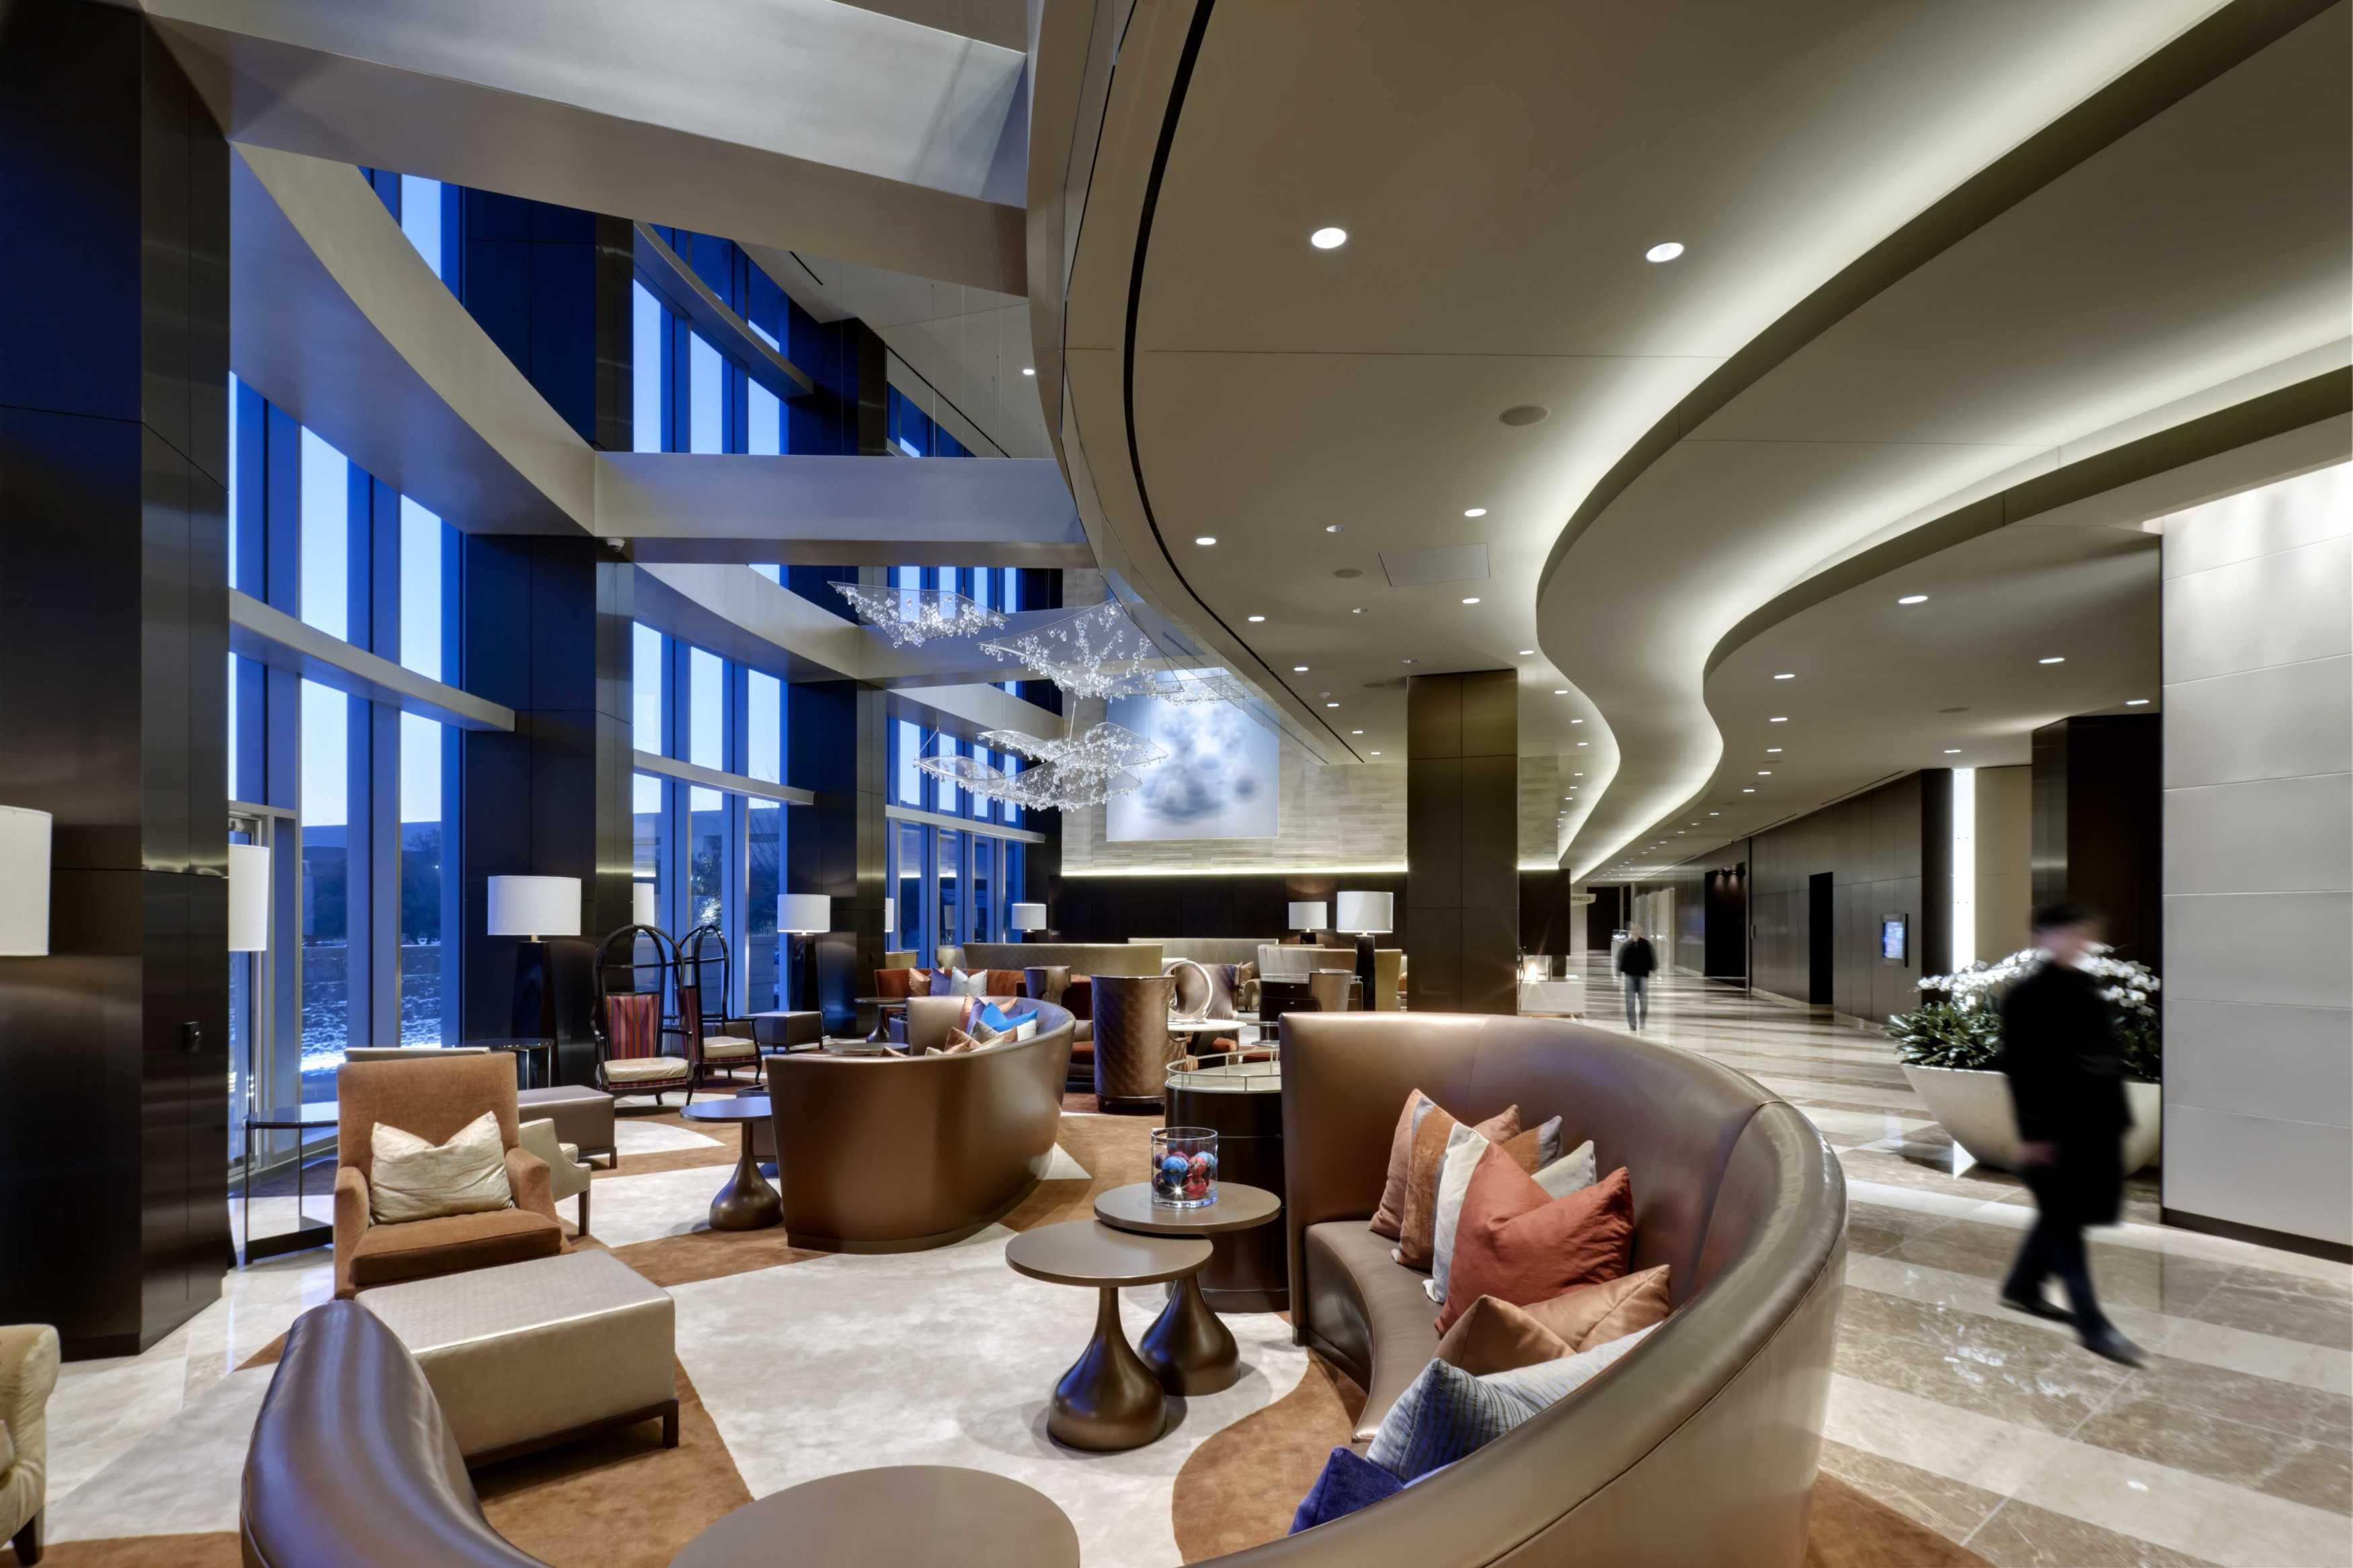 5G Studio Collaborative Omni Dallas Convention Center Hotel Dallas, Texas Dallas, Texas Lobby Hotel Modern  14956